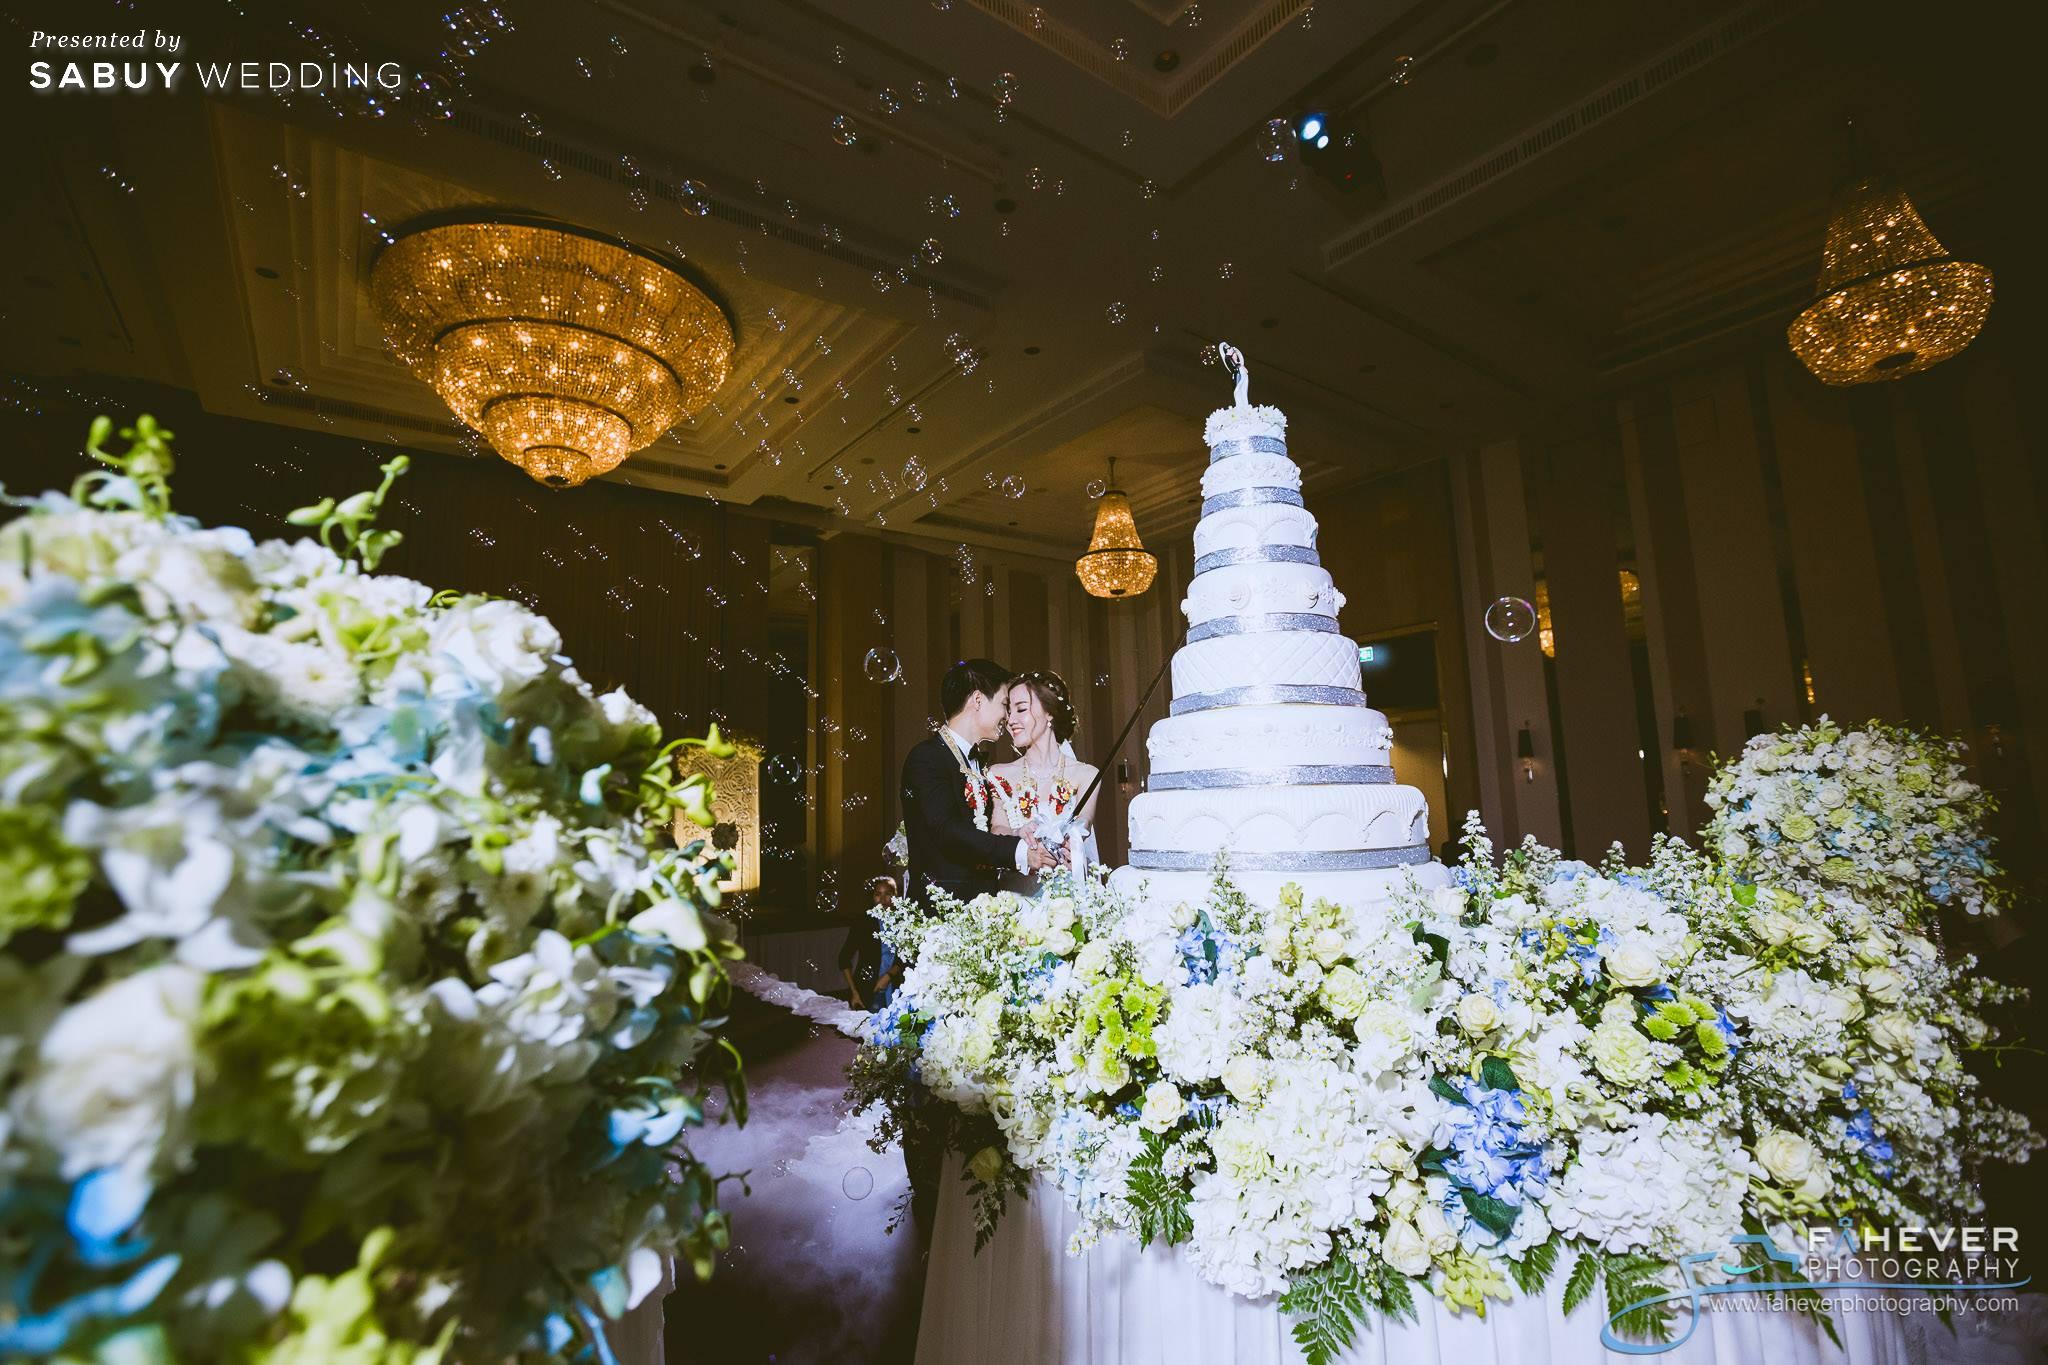 Swissotel Bangkok Ratchada,Fahever Photography,สถานที่แต่งงาน,สถานที่จัดงานแต่งงาน,โรงแรม,งานแต่งงาน,บ่าวสาว,ถ่ายรูปแต่งงาน,รูปงานแต่ง,พิธีแต่งงาน,เค้กแต่งงาน,เค้กงานแต่ง,เค้ก Swissotel Bangkok Ratchada โรงแรมสุดหรูย่านห้วยขวาง ราคาย่อมเยา